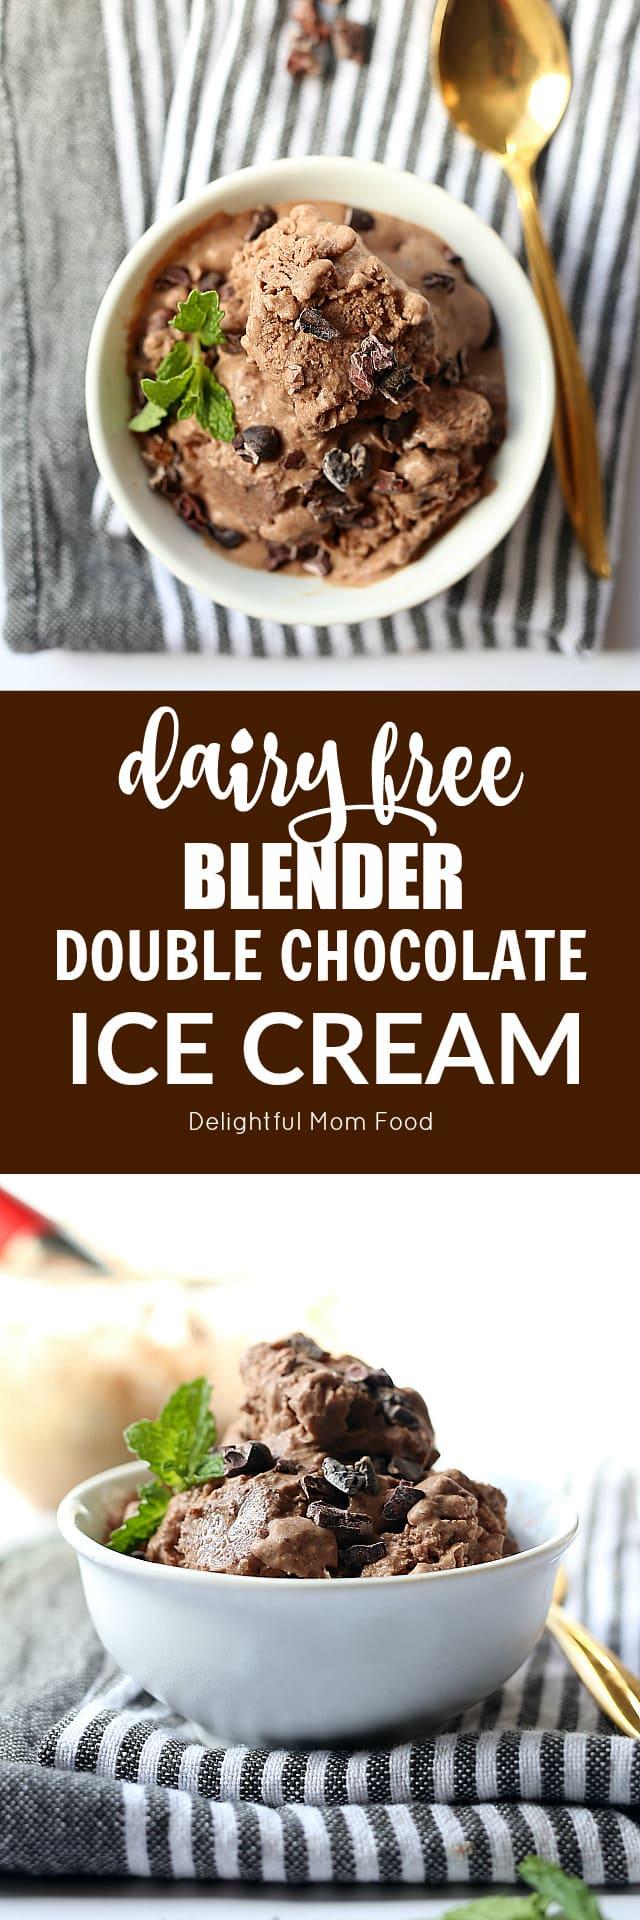 easy vegan ice cream recipe